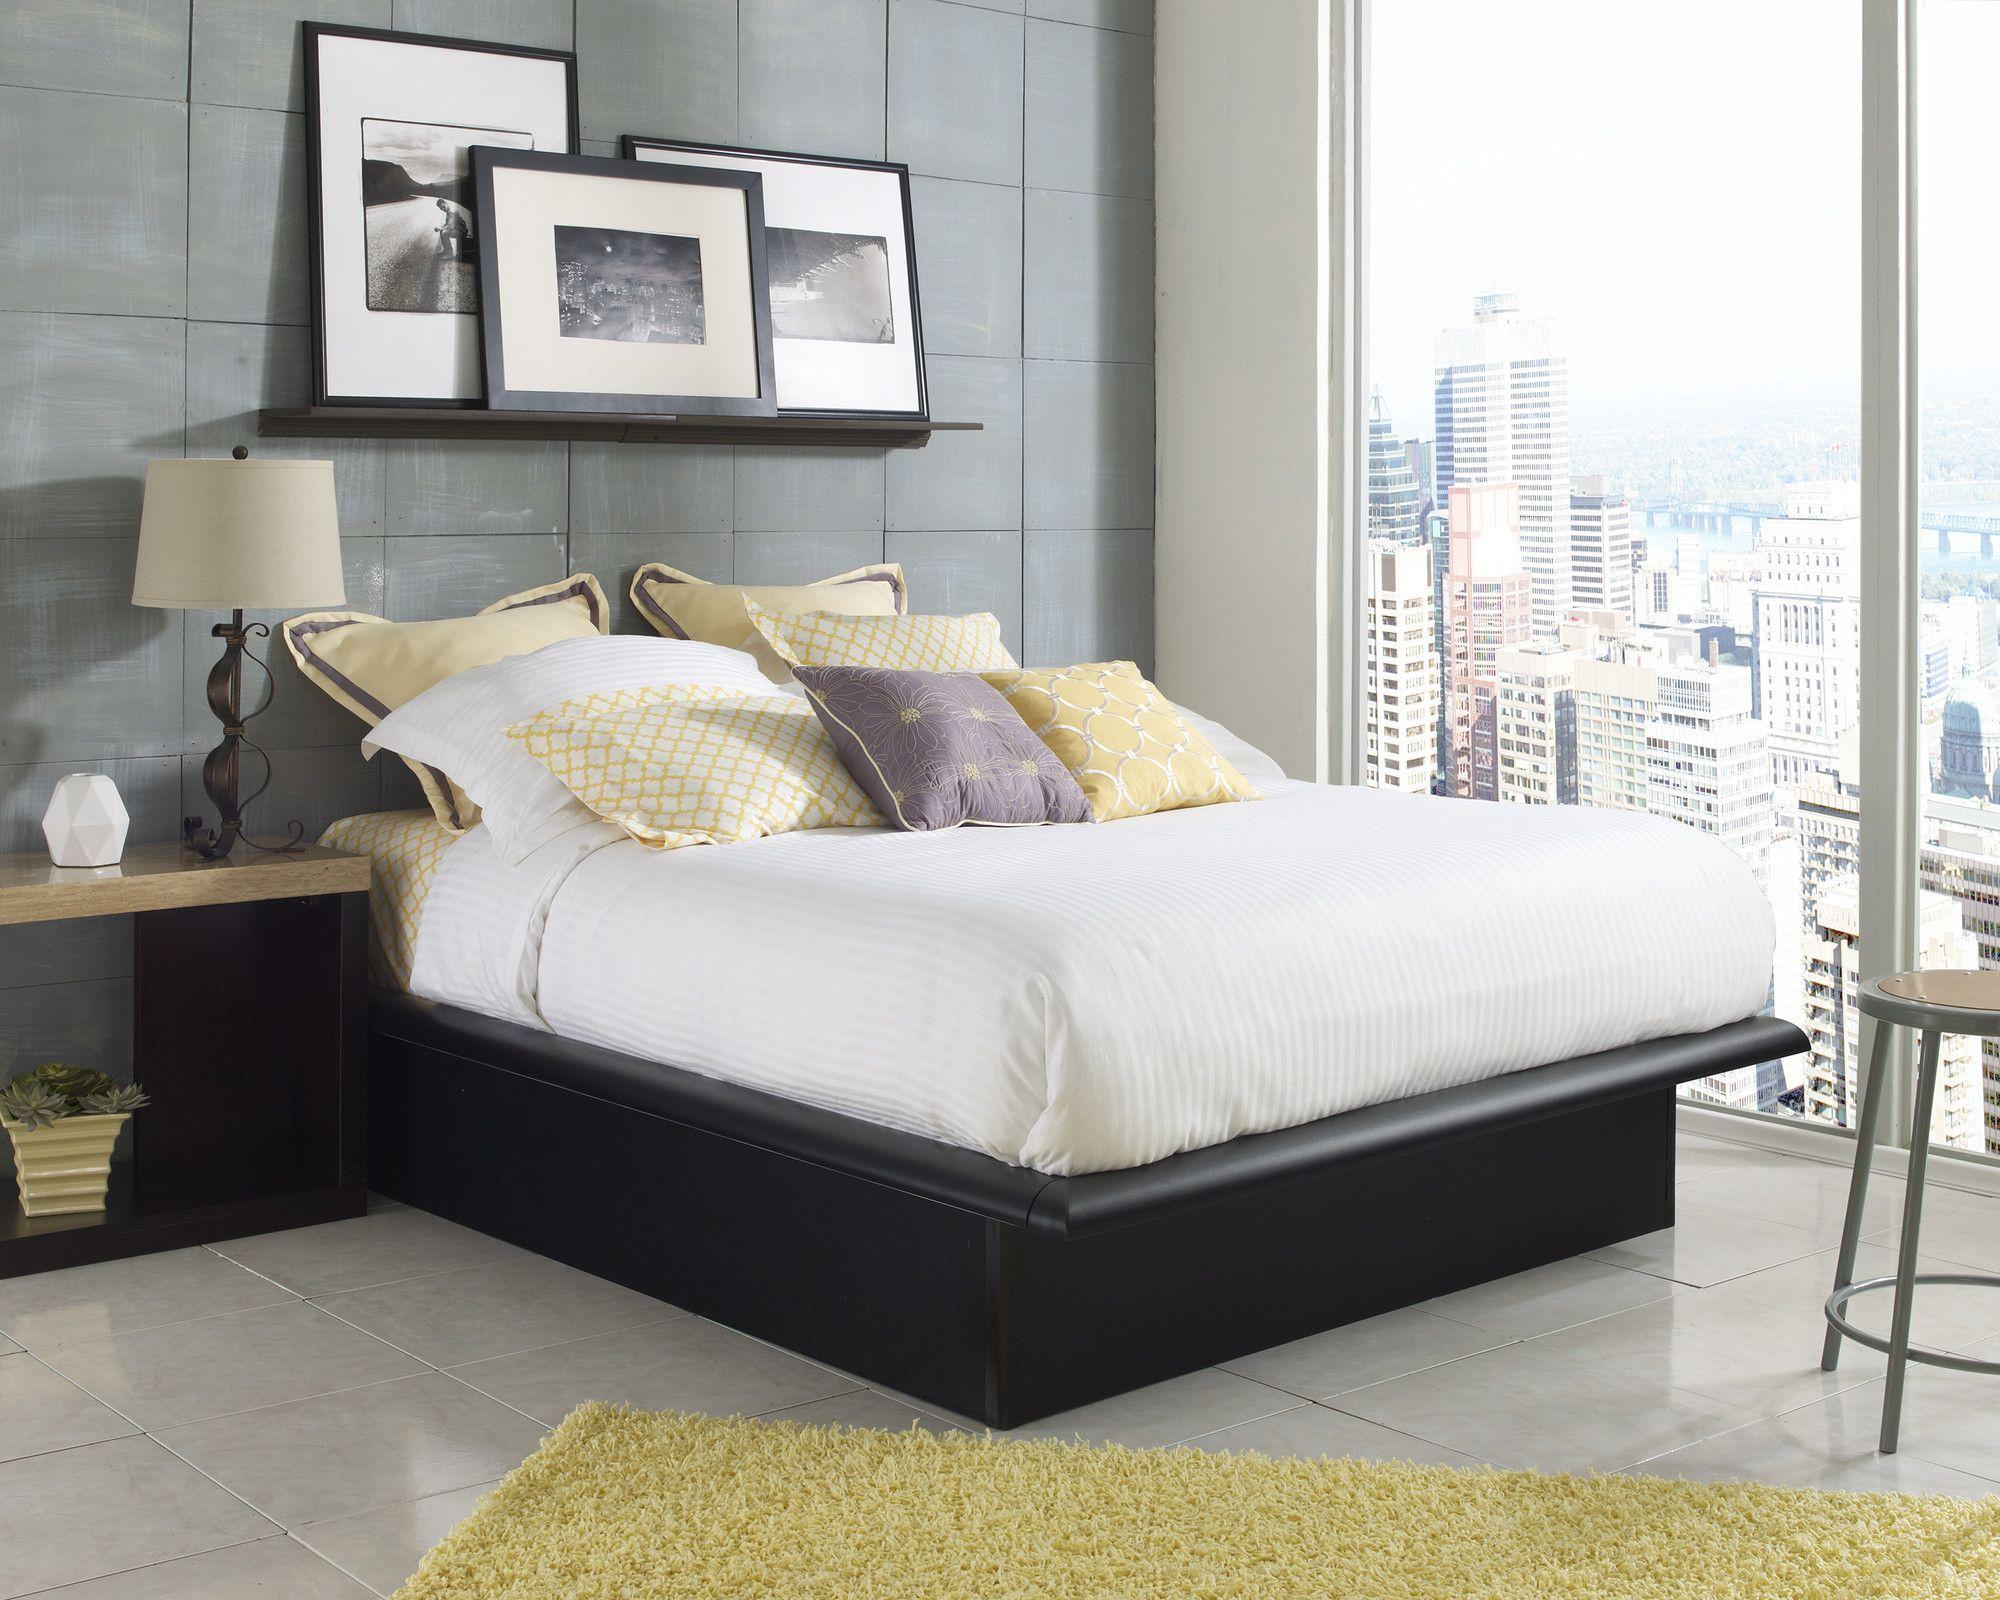 Black Platform Bed The Black Frame Should Look Good Against The